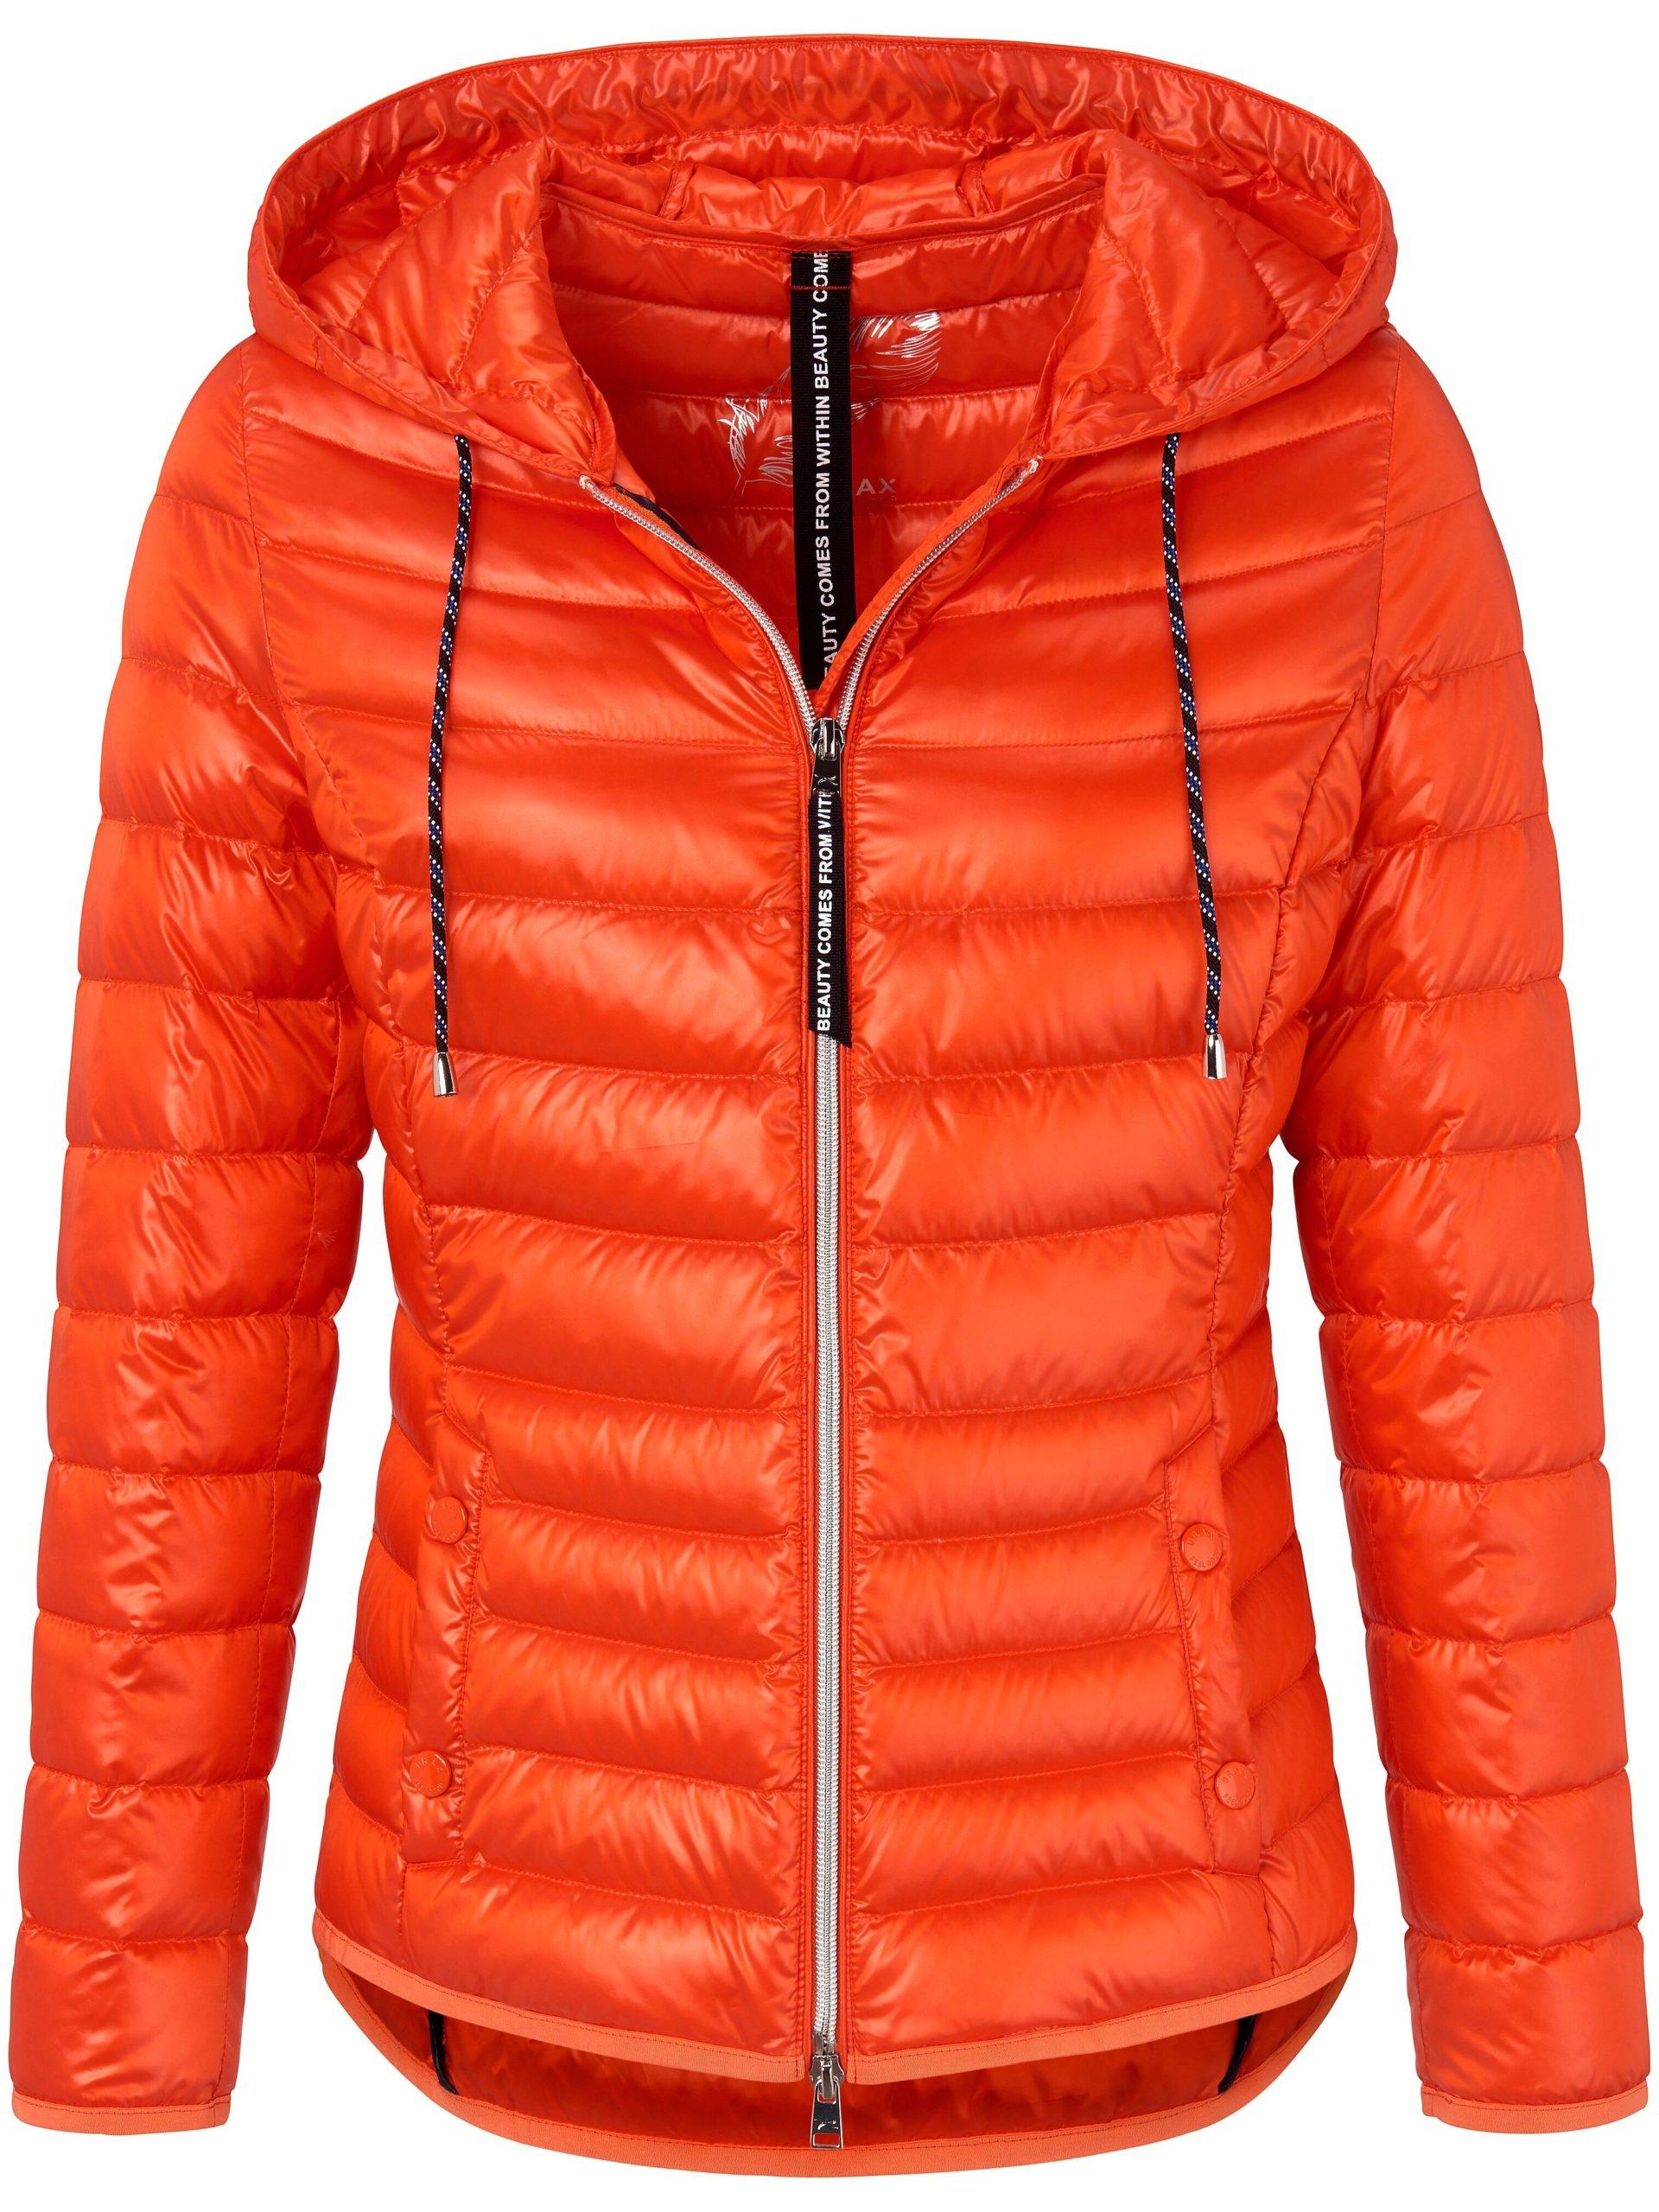 Doorgestikt jasje Van Brax Feel Good oranje Kopen